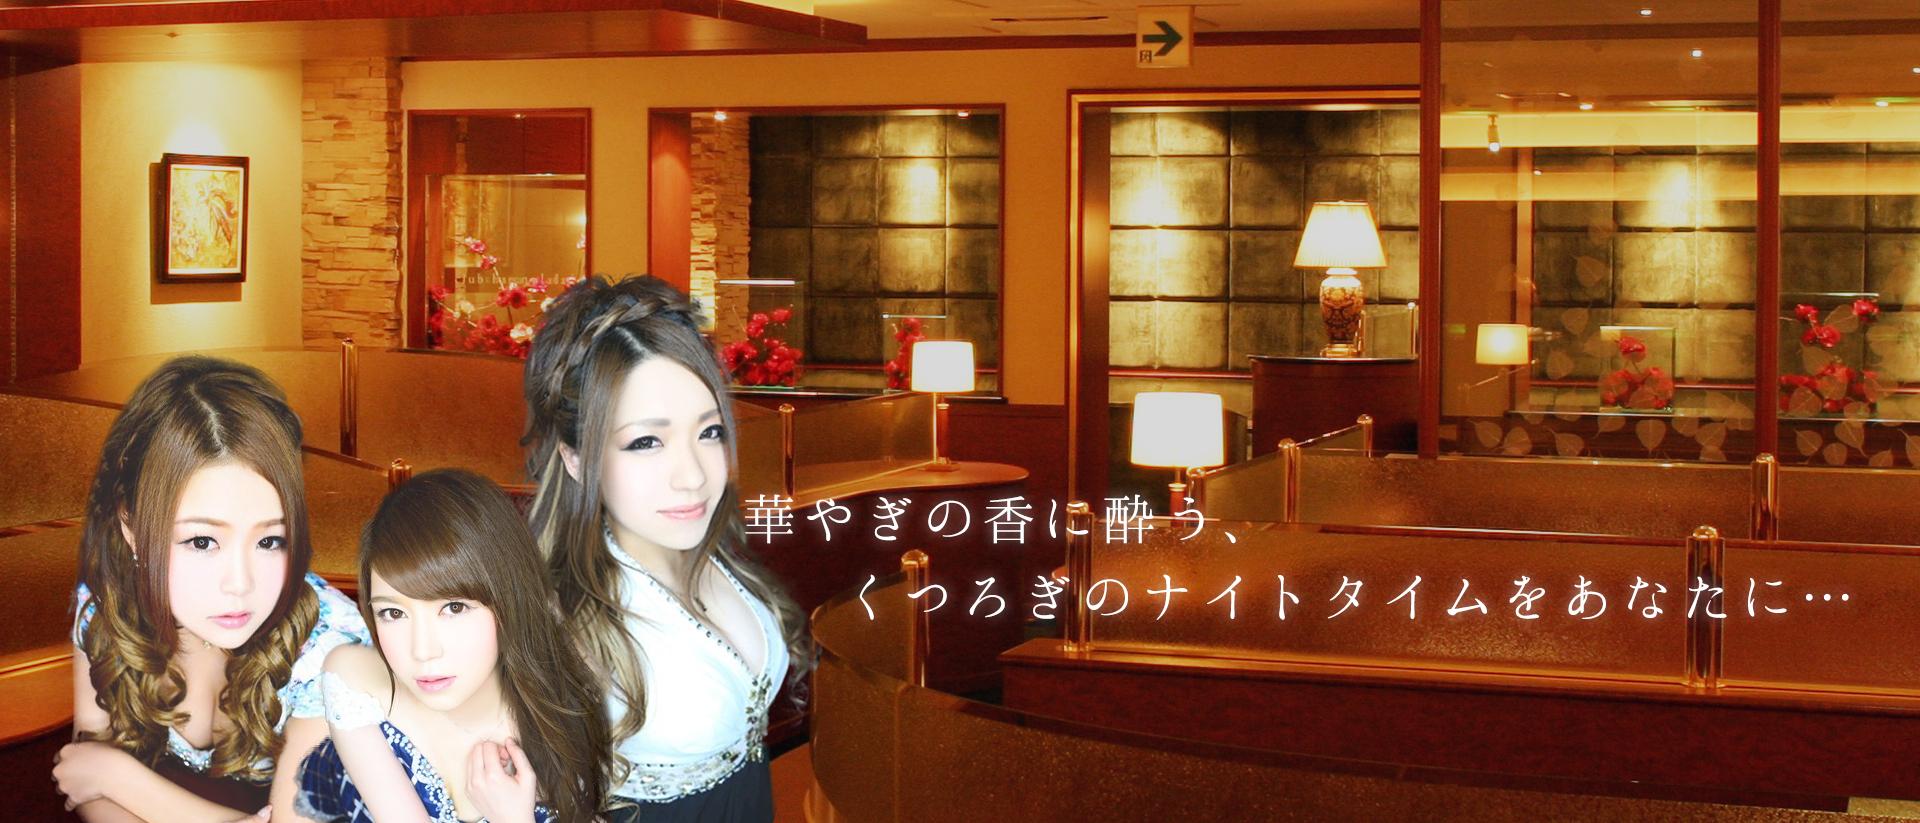 華やぎの香に酔う、くつろぎのナイトタイムをあなたに…|宮崎・福岡・熊本のキャバクラ情報